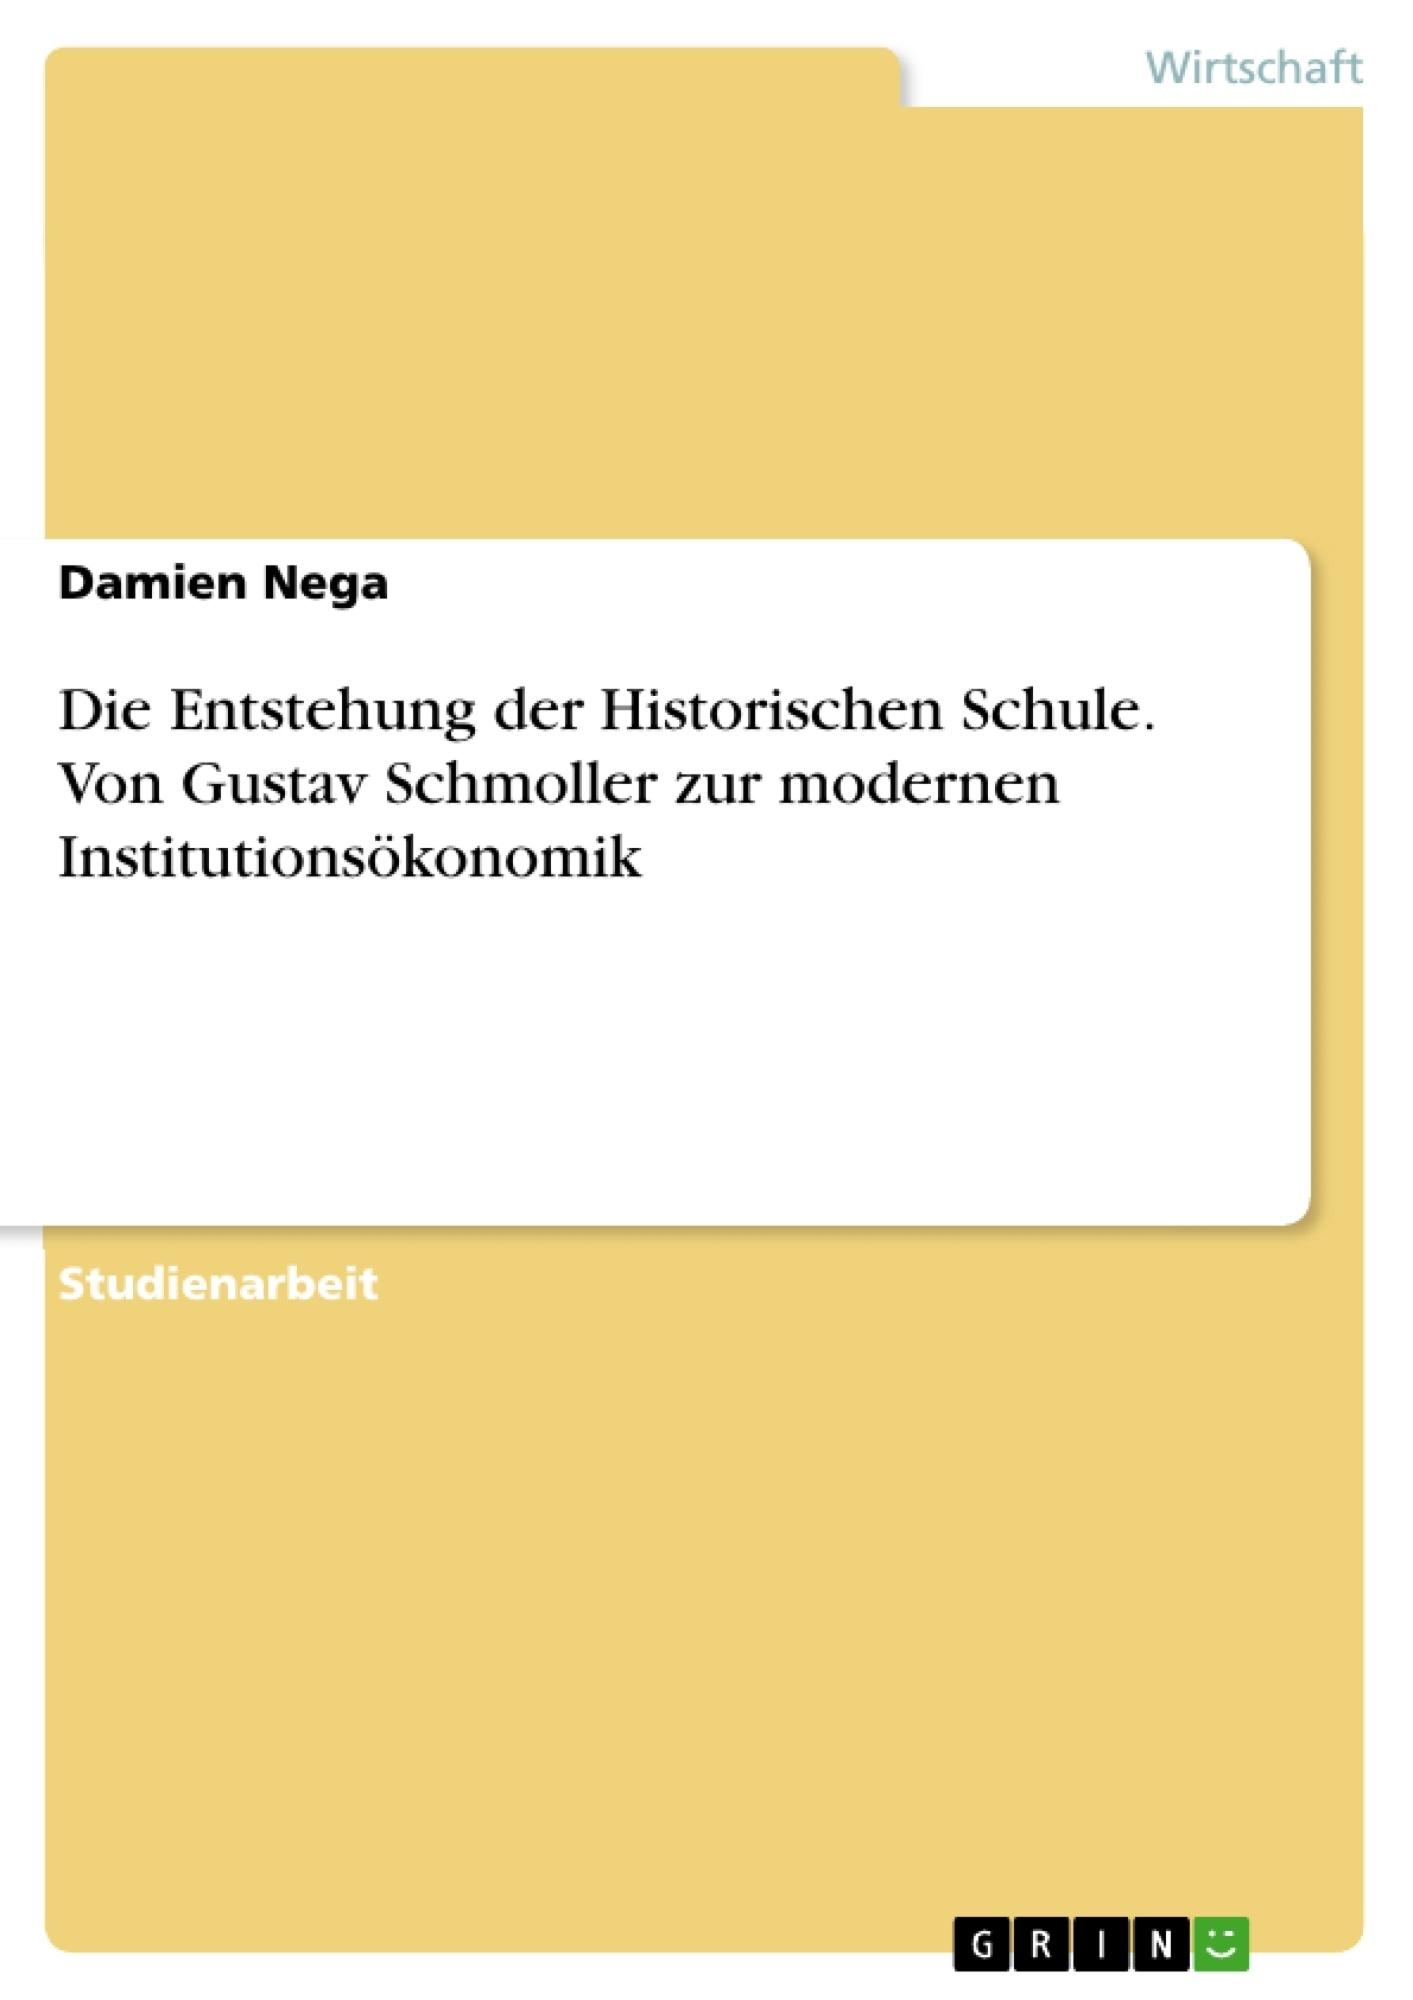 Titel: Die Entstehung der Historischen Schule. Von Gustav Schmoller zur modernen Institutionsökonomik